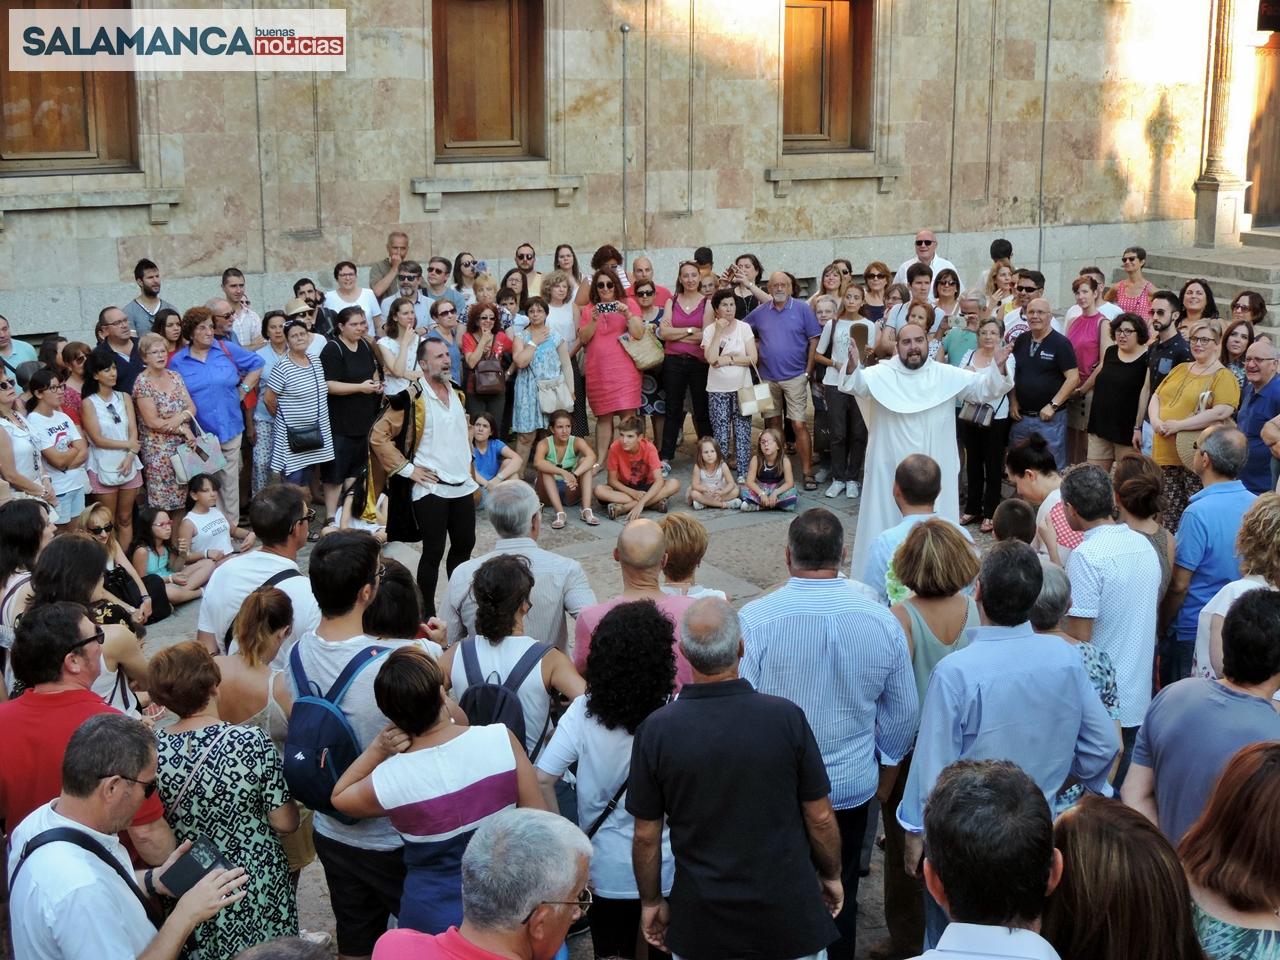 Nuevas citas musicales y escénicas para el fin de semana con 'Salamanca, Plazas y Patios'